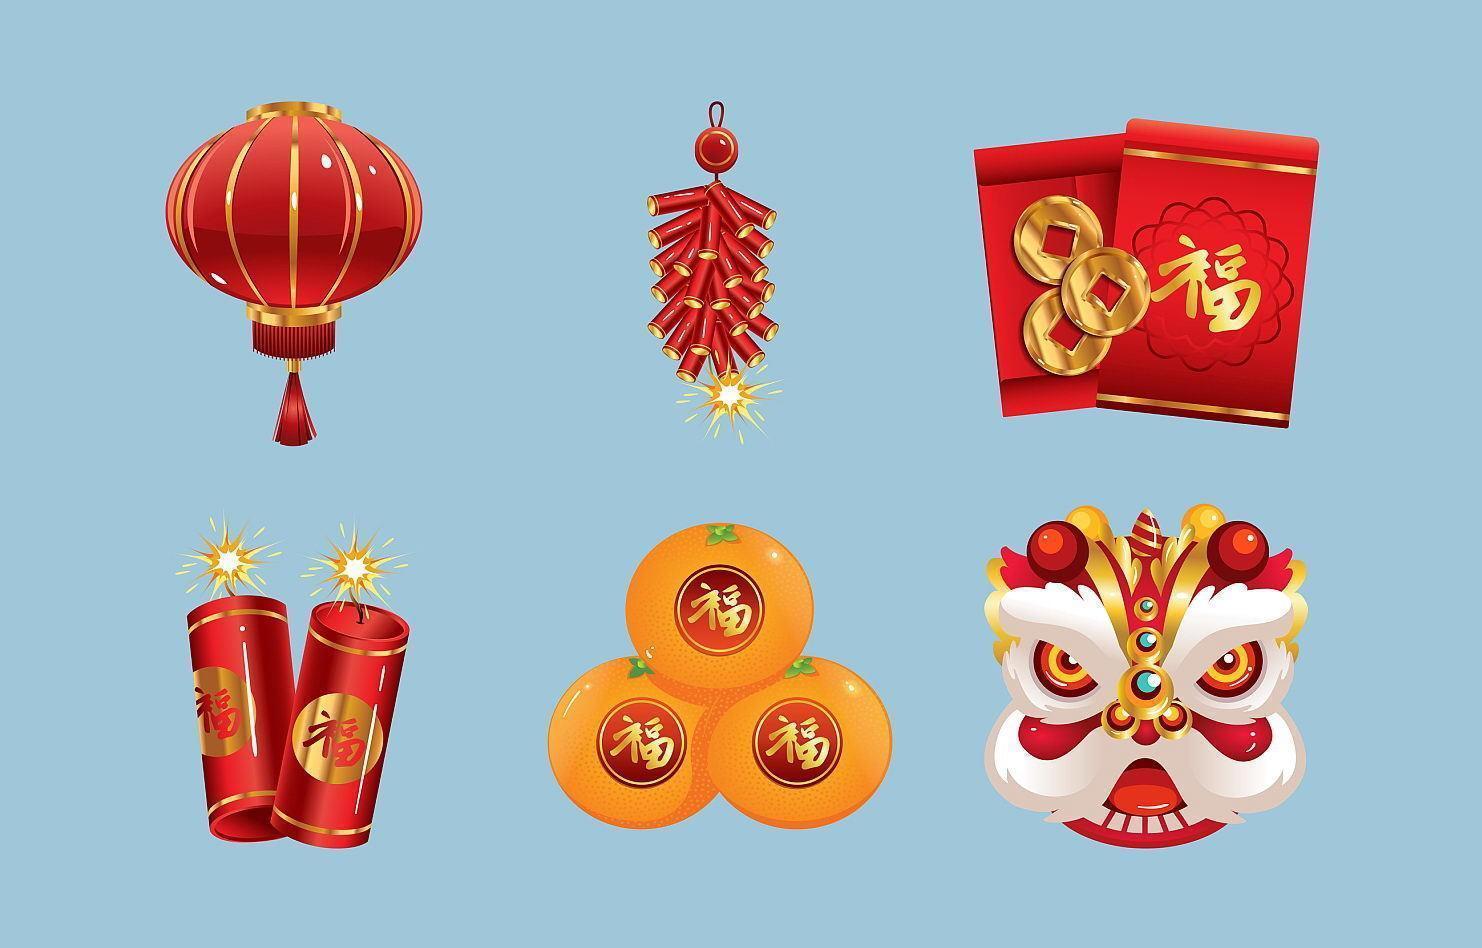 icône de fête du nouvel an chinois vecteur